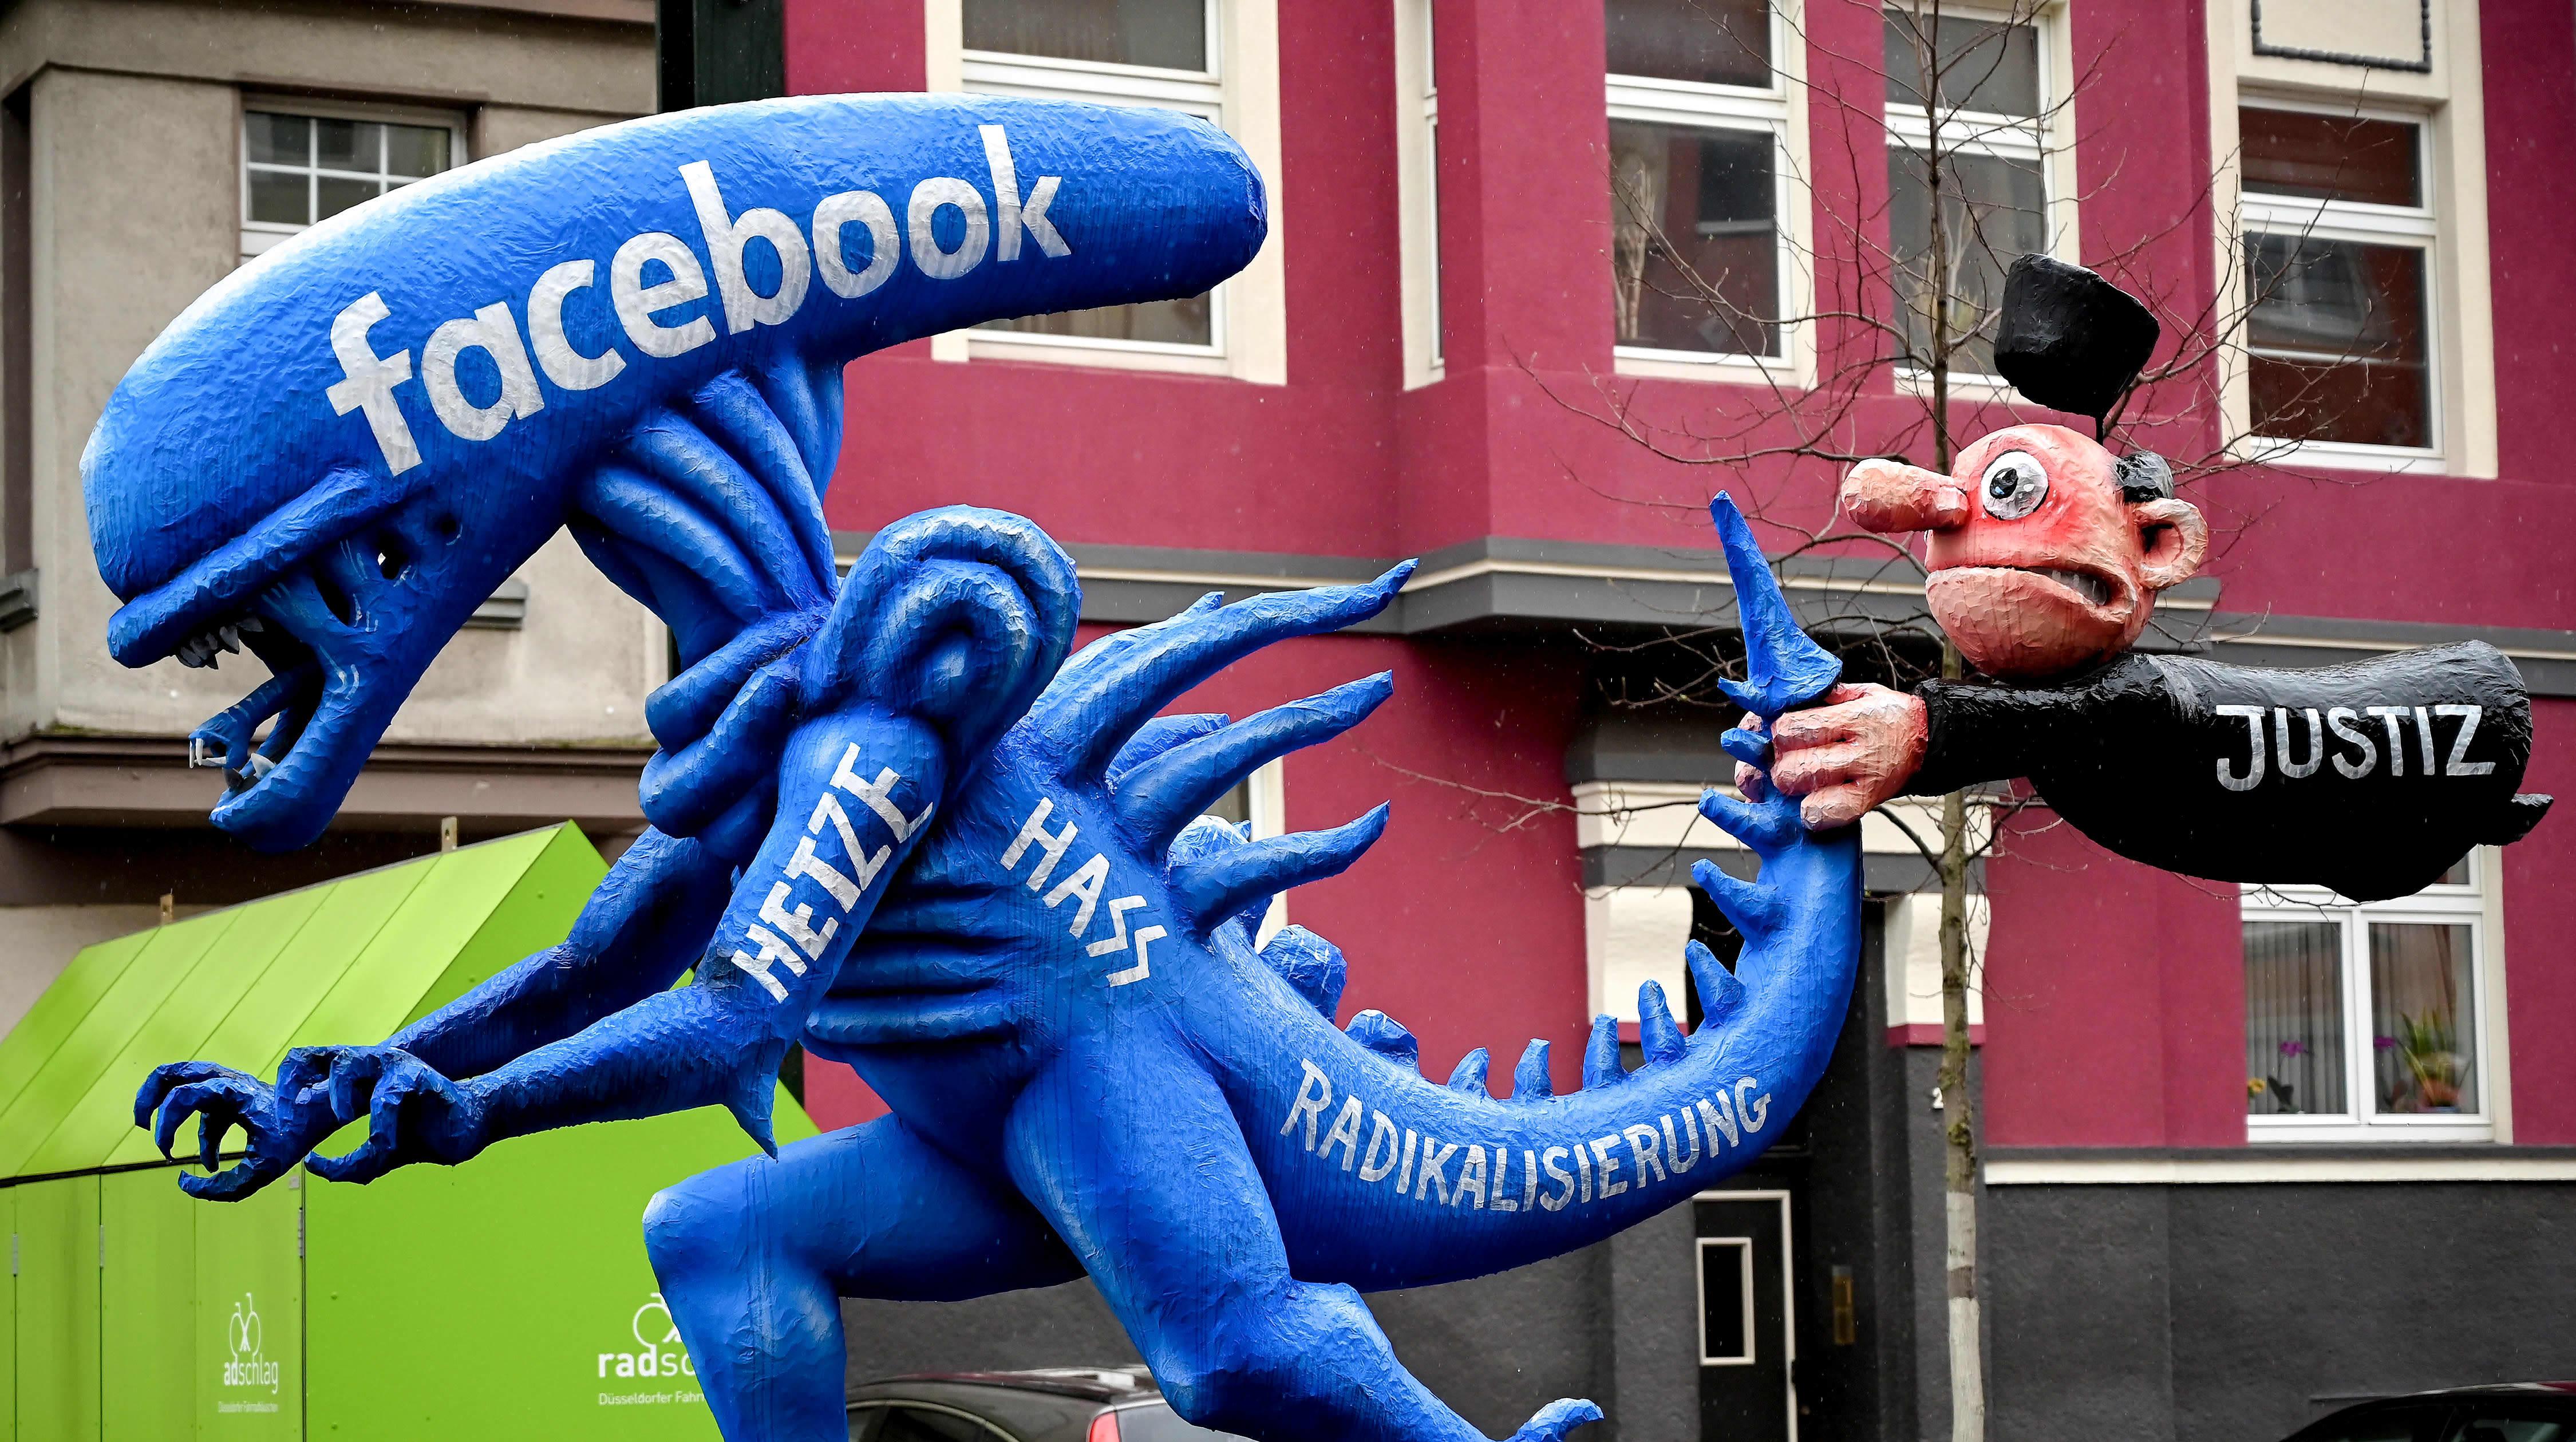 Sinisen alien patsaan hännästä pitää kiinni lennossa oleva tuomarihahmo. Alien edustaa Facebookkia ja tuomari oikeutta.